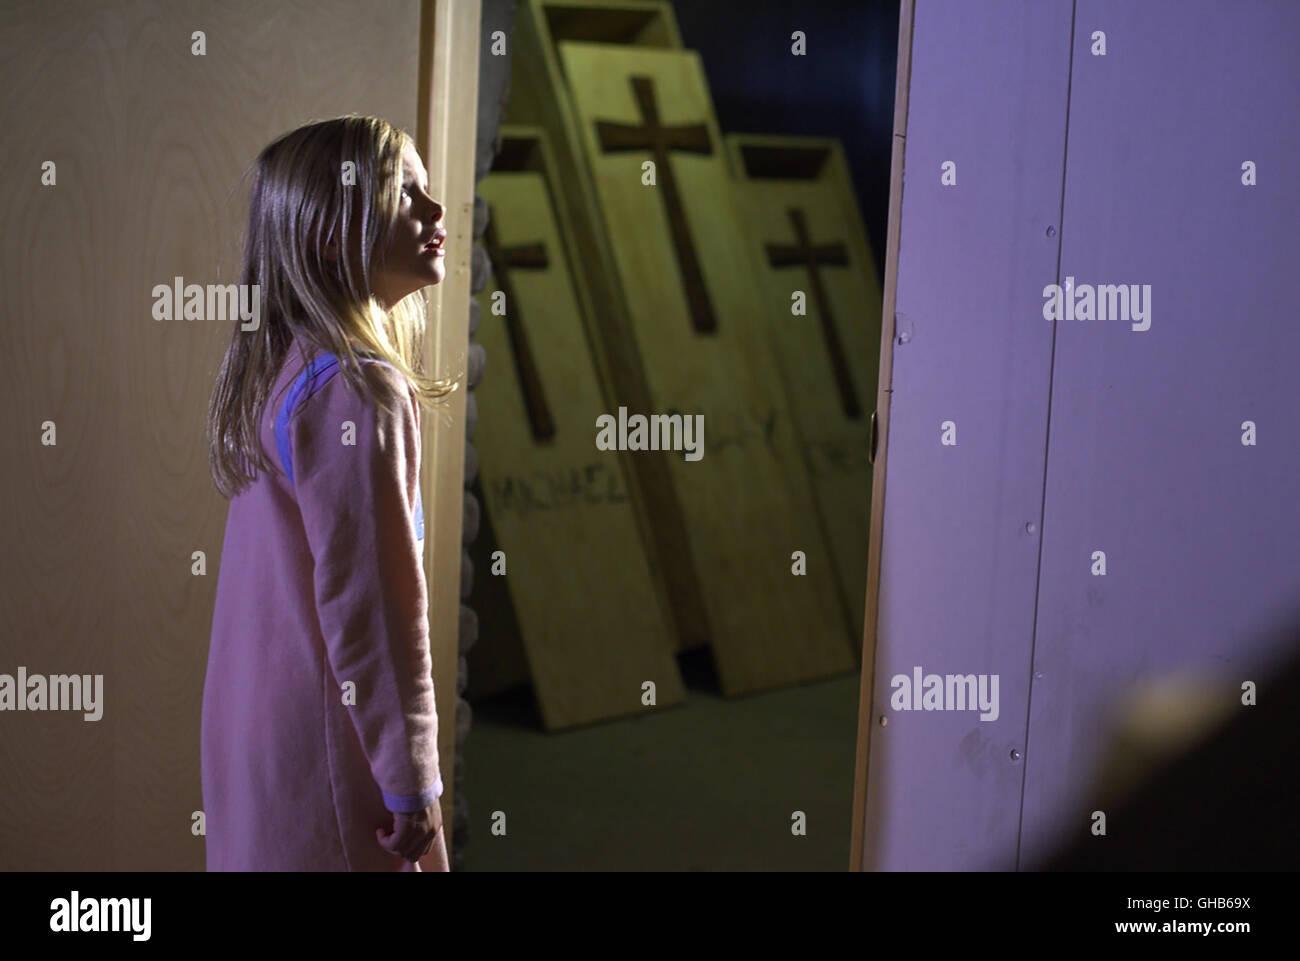 Amityville Horror 2005 Chloe